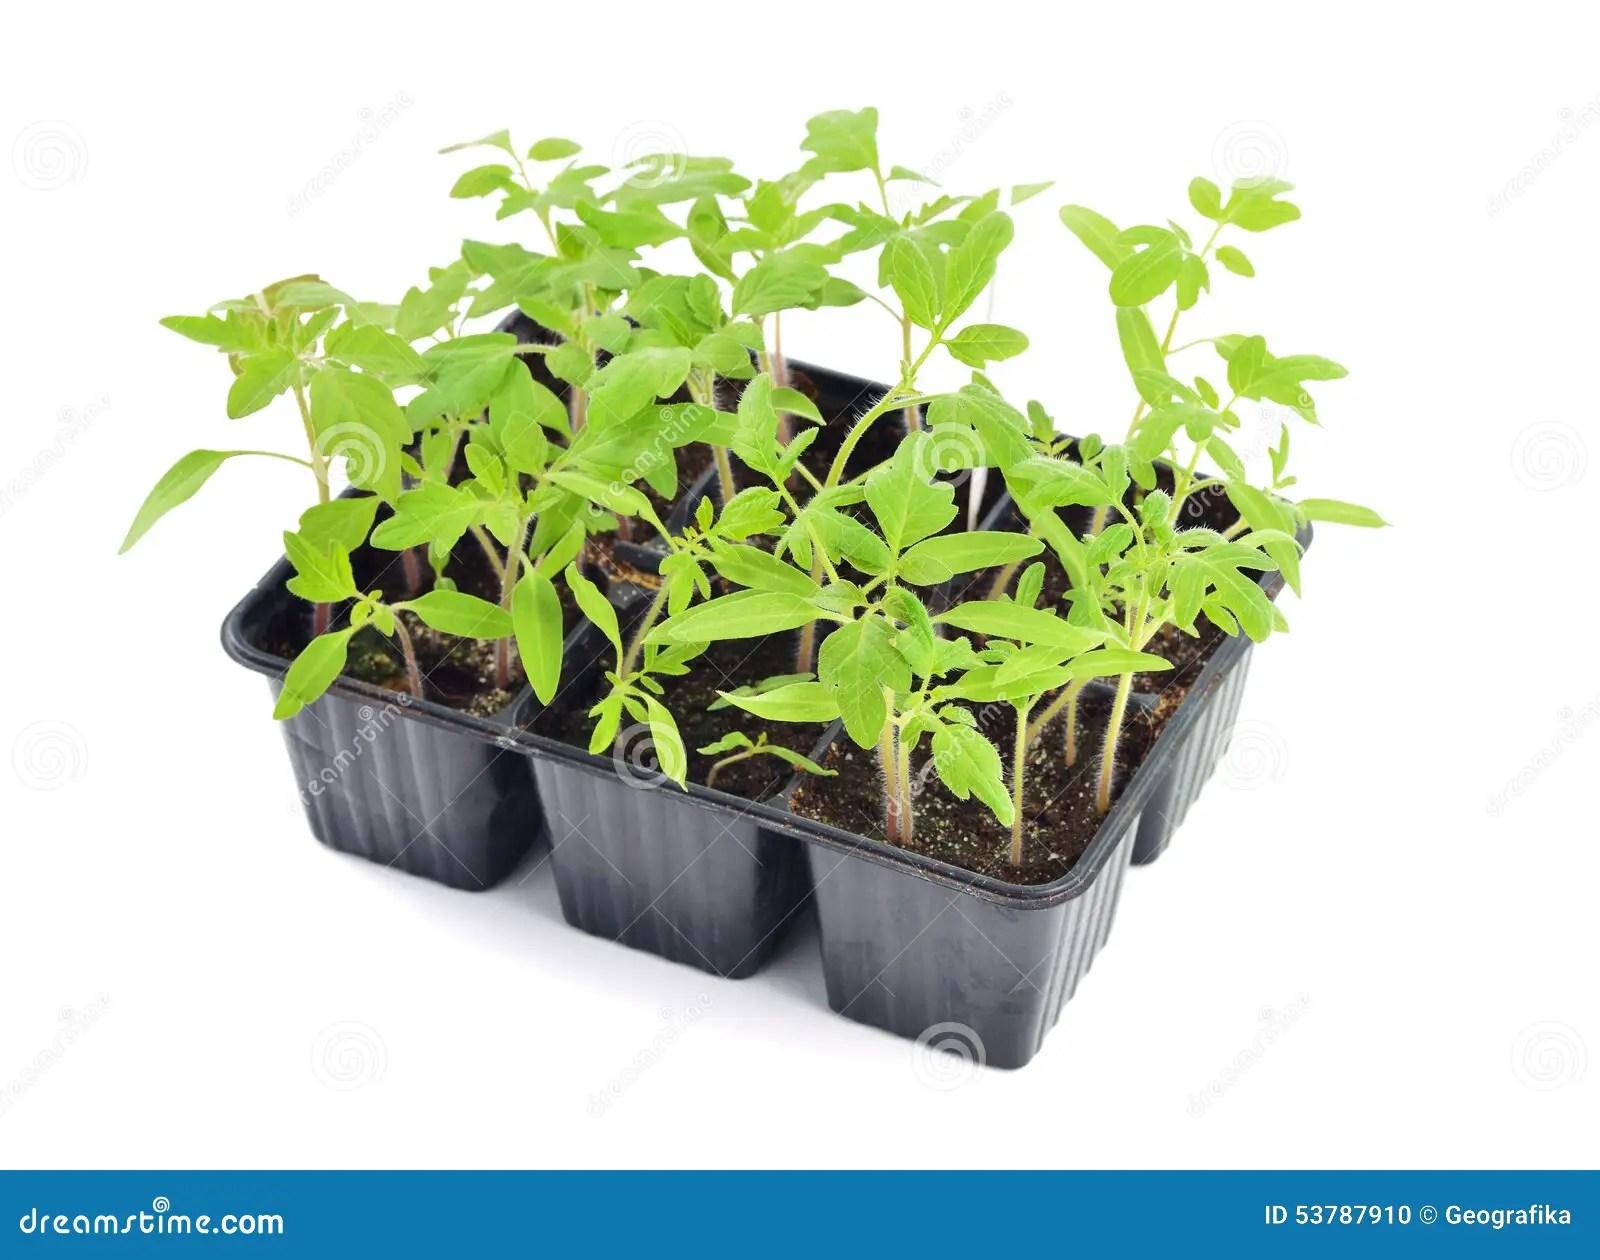 Soil Vegetable Garden Box